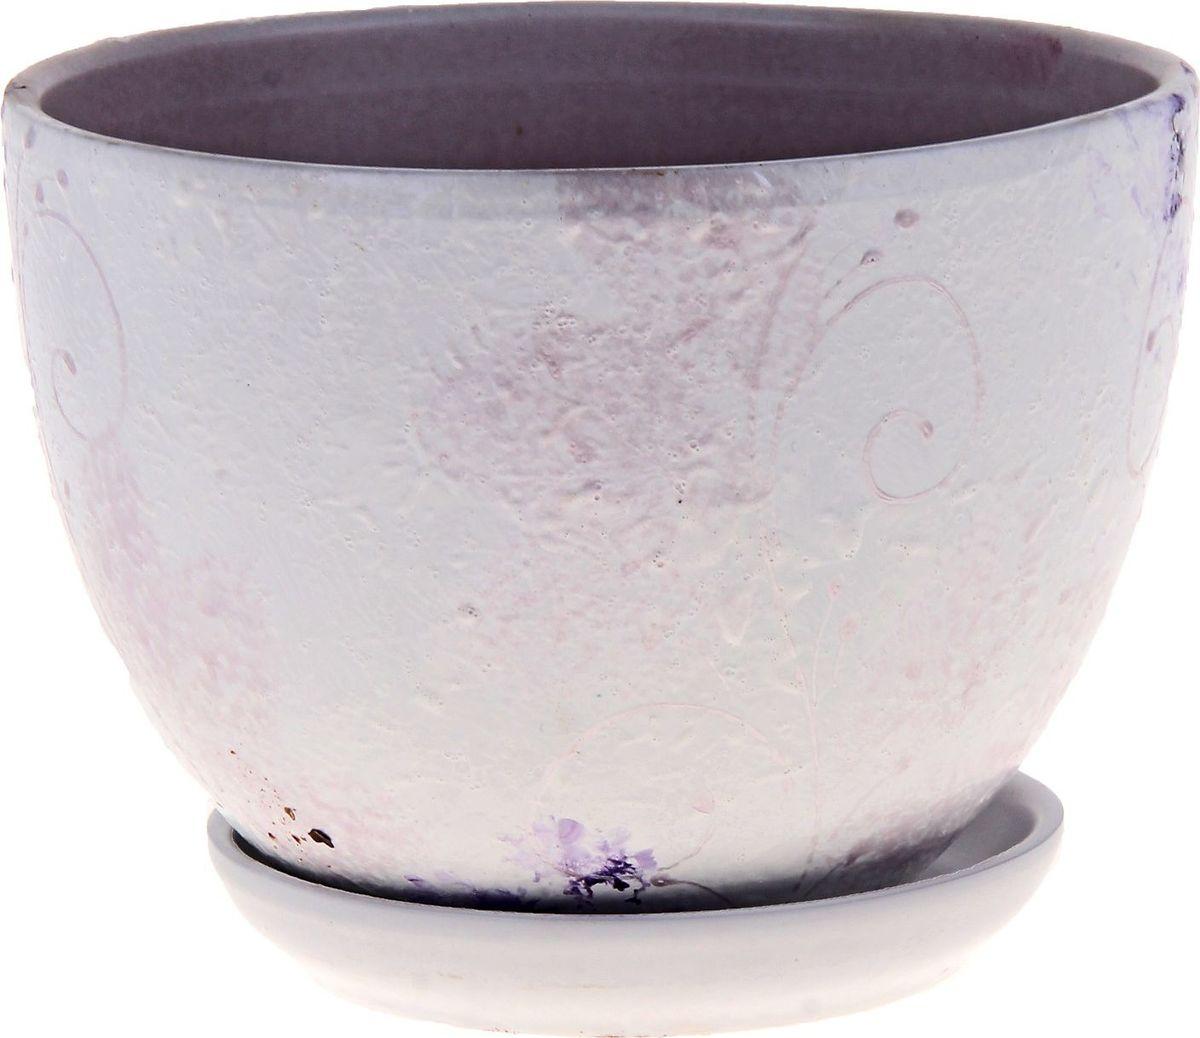 """Декоративное кашпо """"Лазурит"""", выполненное из высококачественной керамики, предназначено для посадки декоративных растений и станет прекрасным украшением для дома. Благодаря своему дизайну впишется в любой интерьер помещения."""